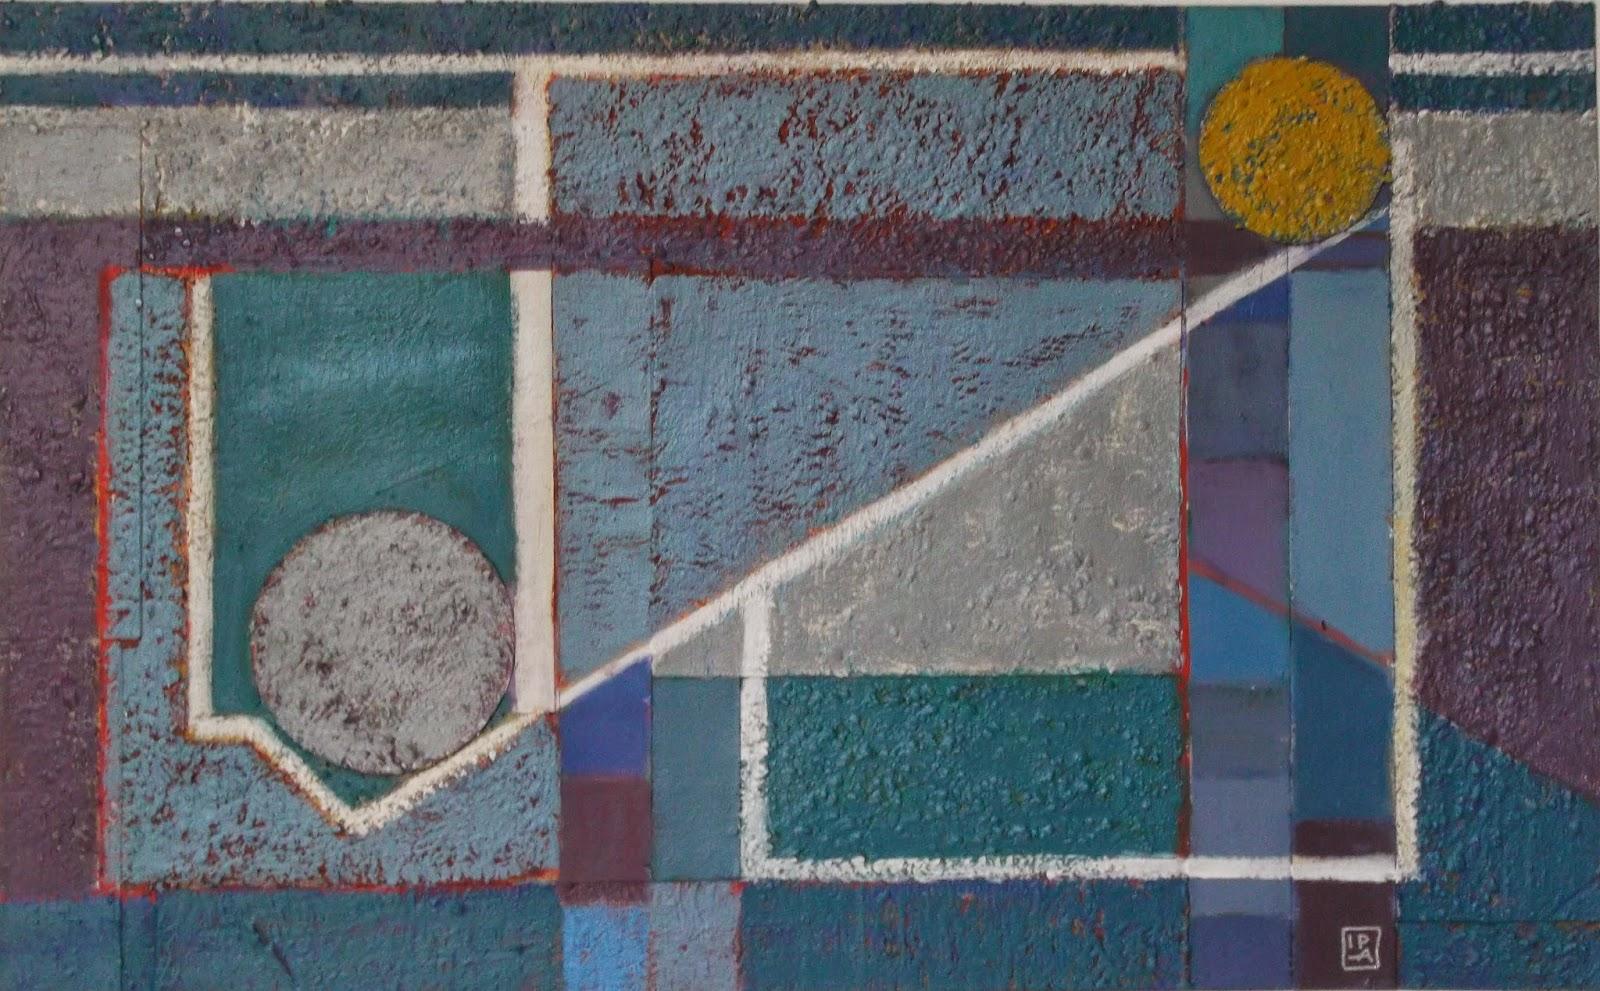 Arte abstracto, composición geométrica by Ima Pérez-Albert